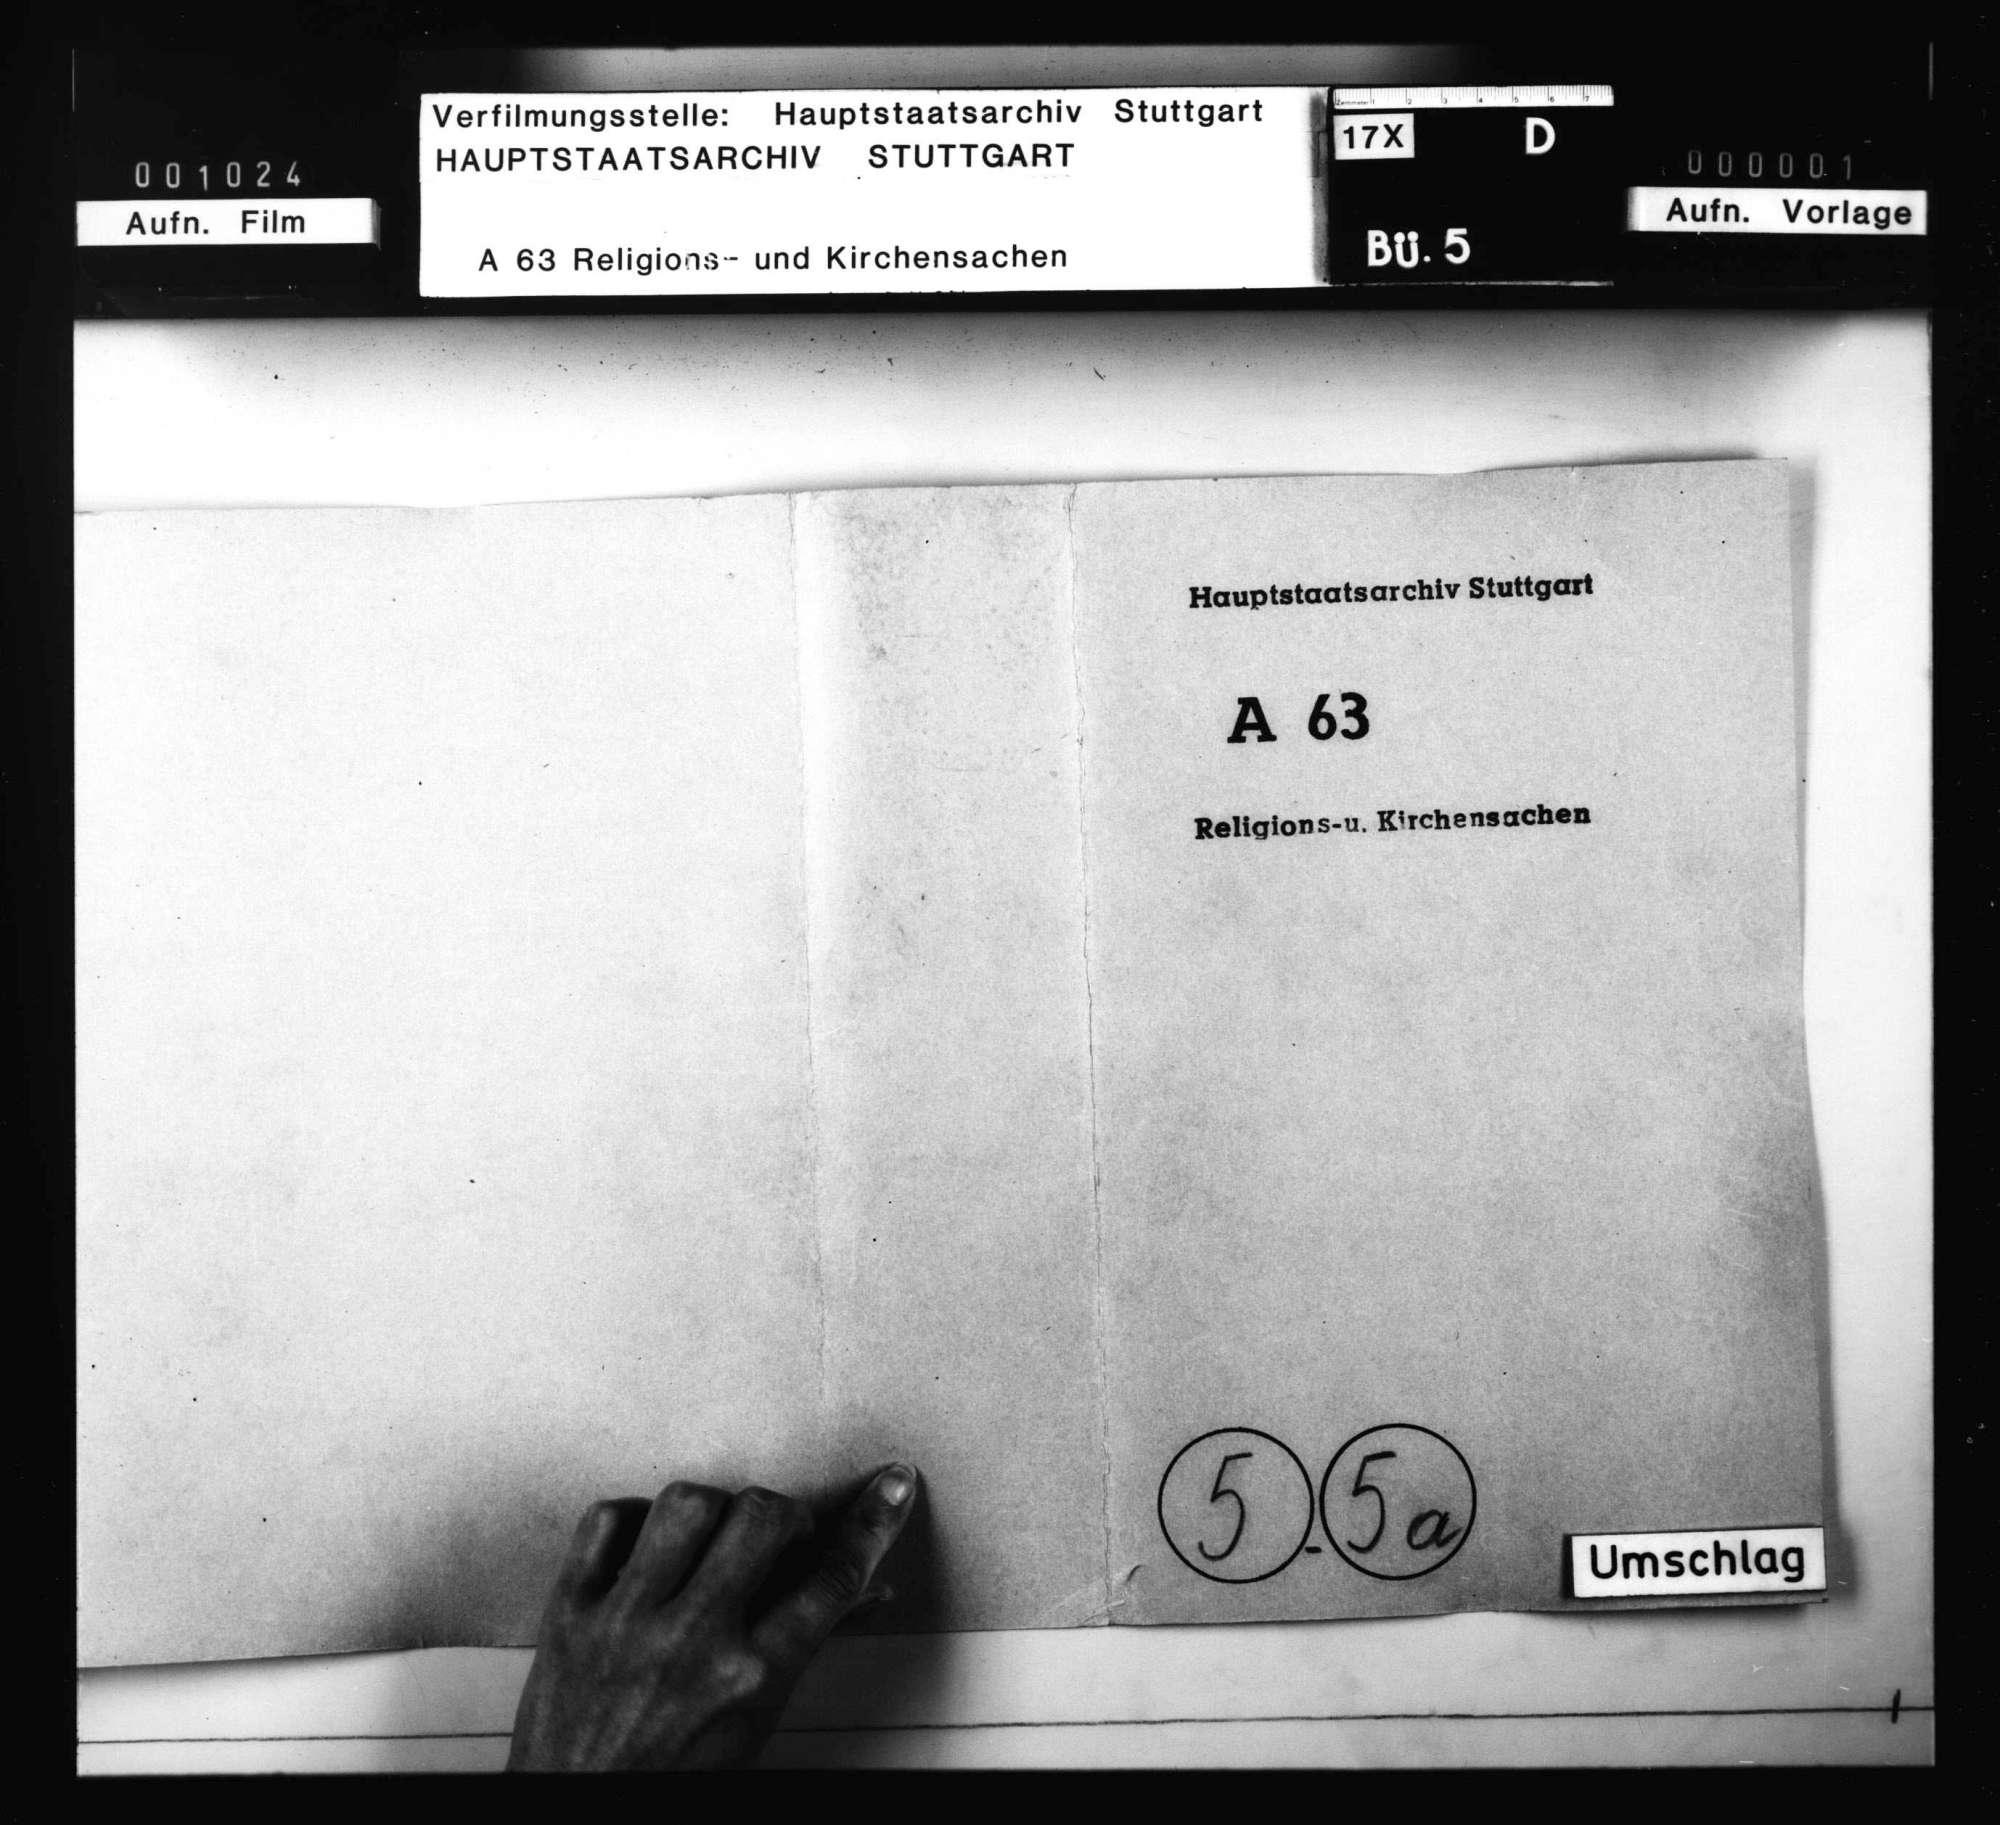 Intervention des Domstifts Augsburg gegen reformatorische Entwicklungen im Bereich des Klosters Lorch, Bild 2